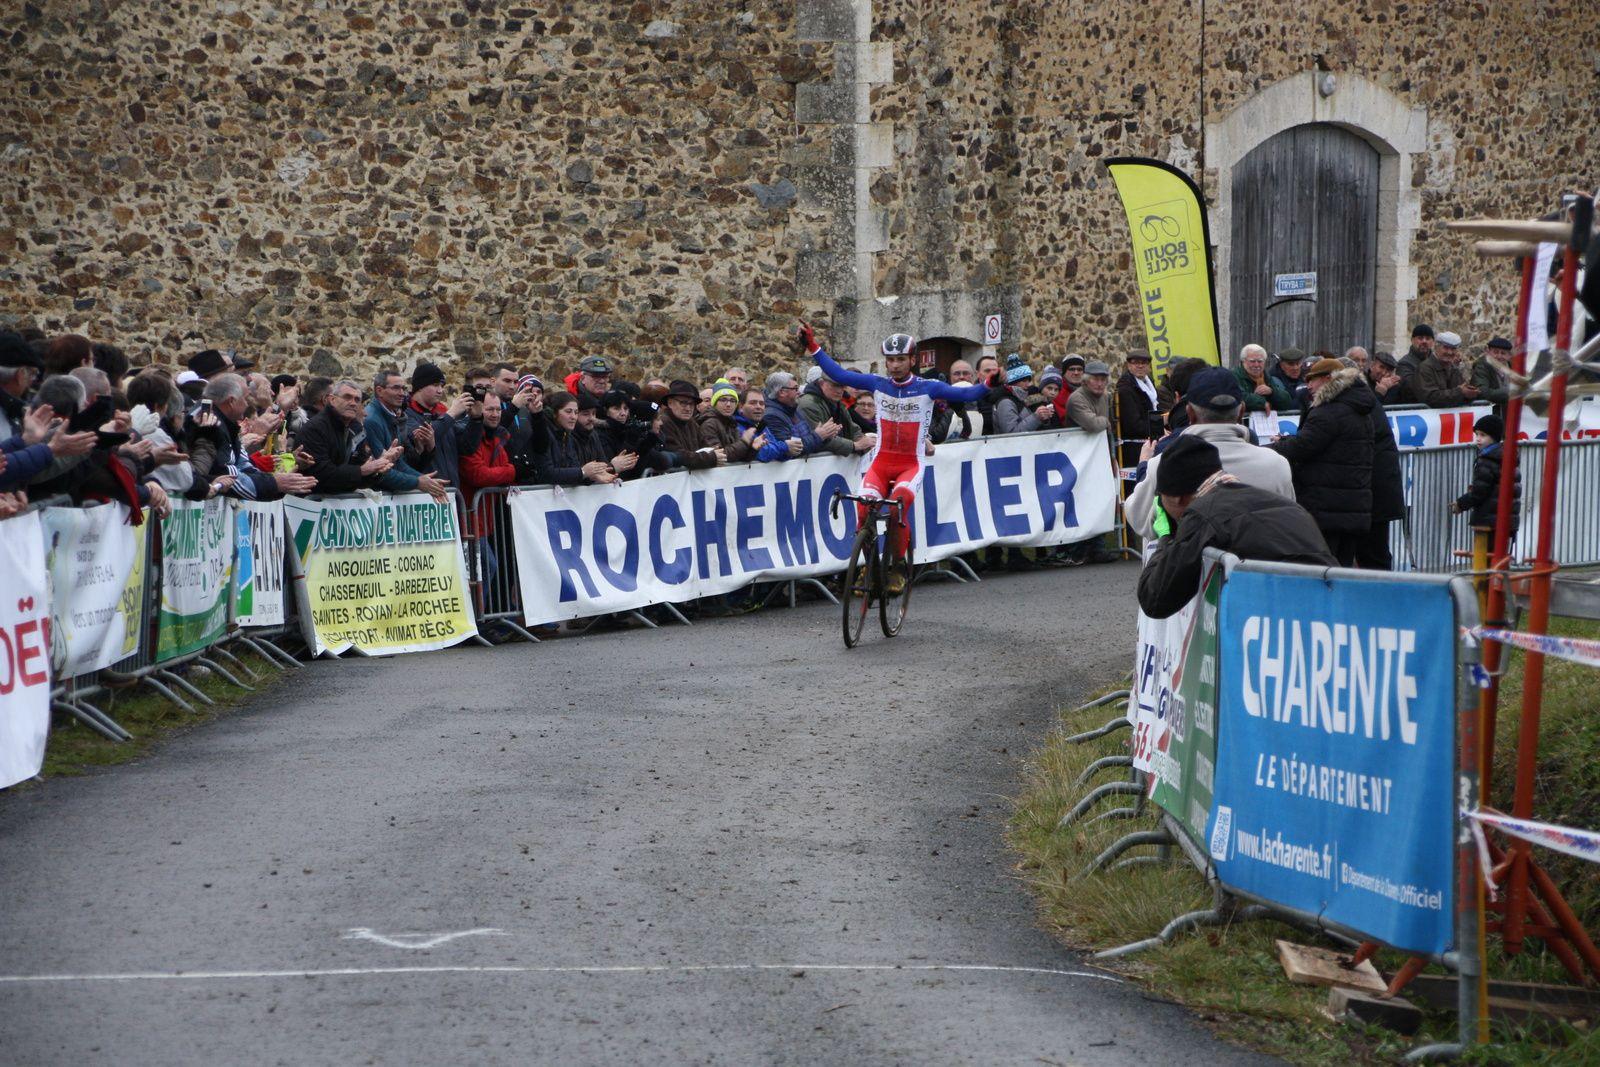 L'arrivée  et  la  victoire  pour  Clément  VENTURINI(Cofidis)